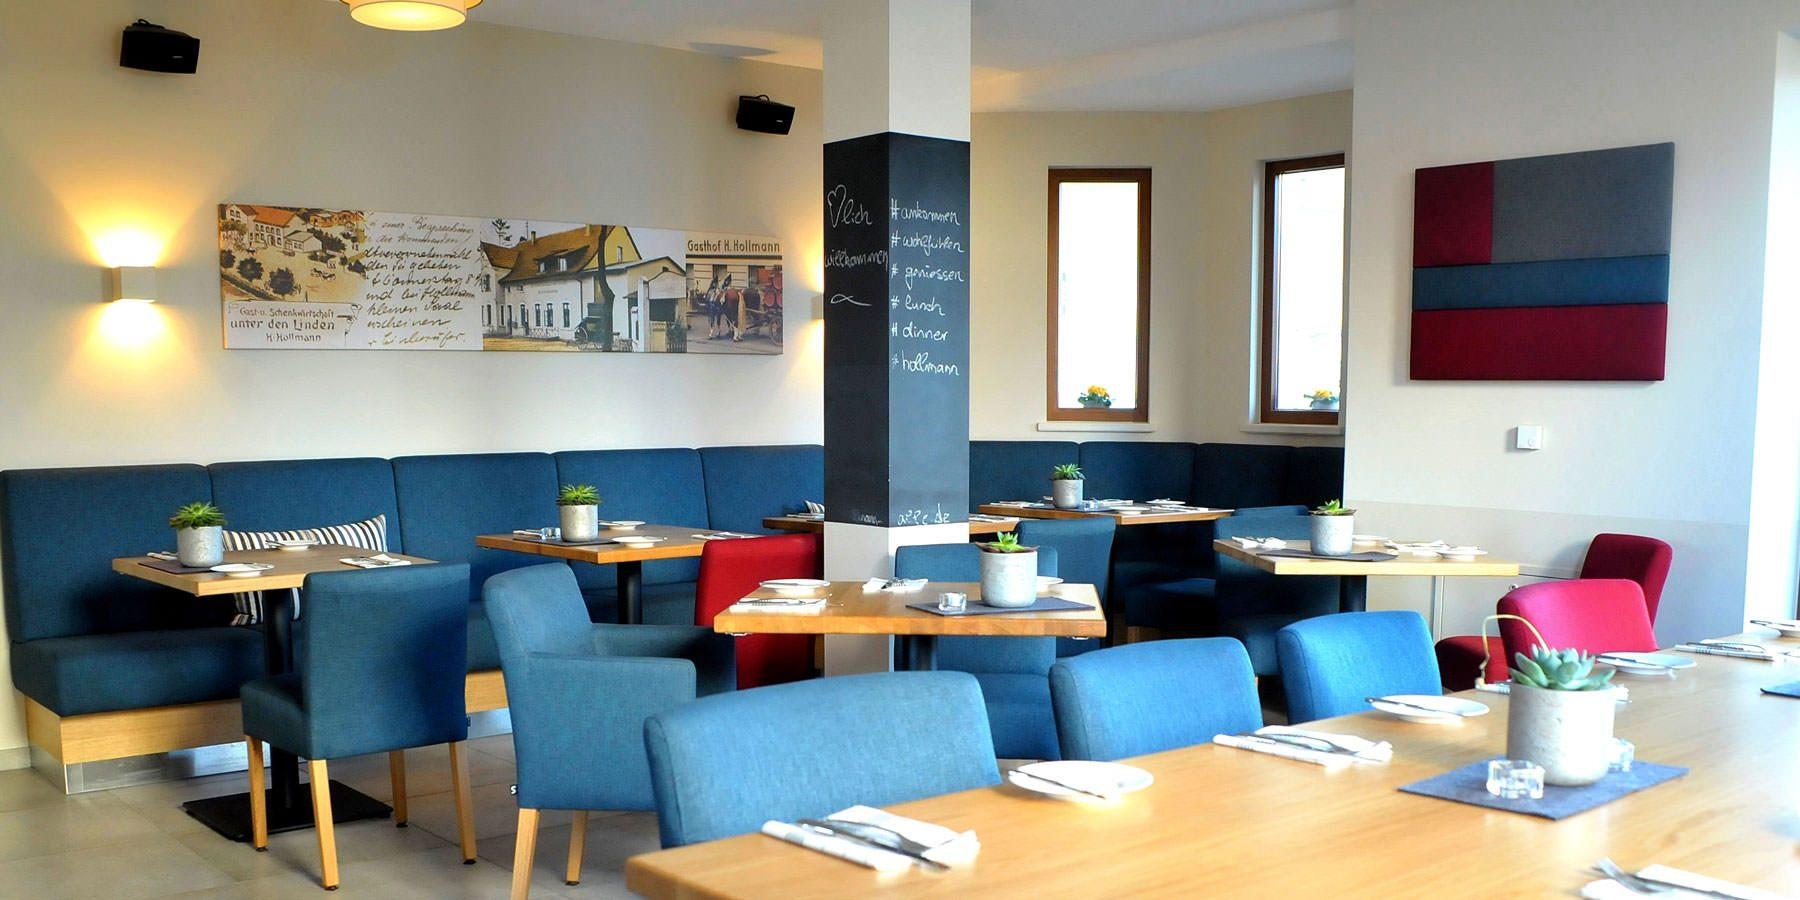 Restaurant und Hotel Hollmann in Halle Westf., Sitzbereich